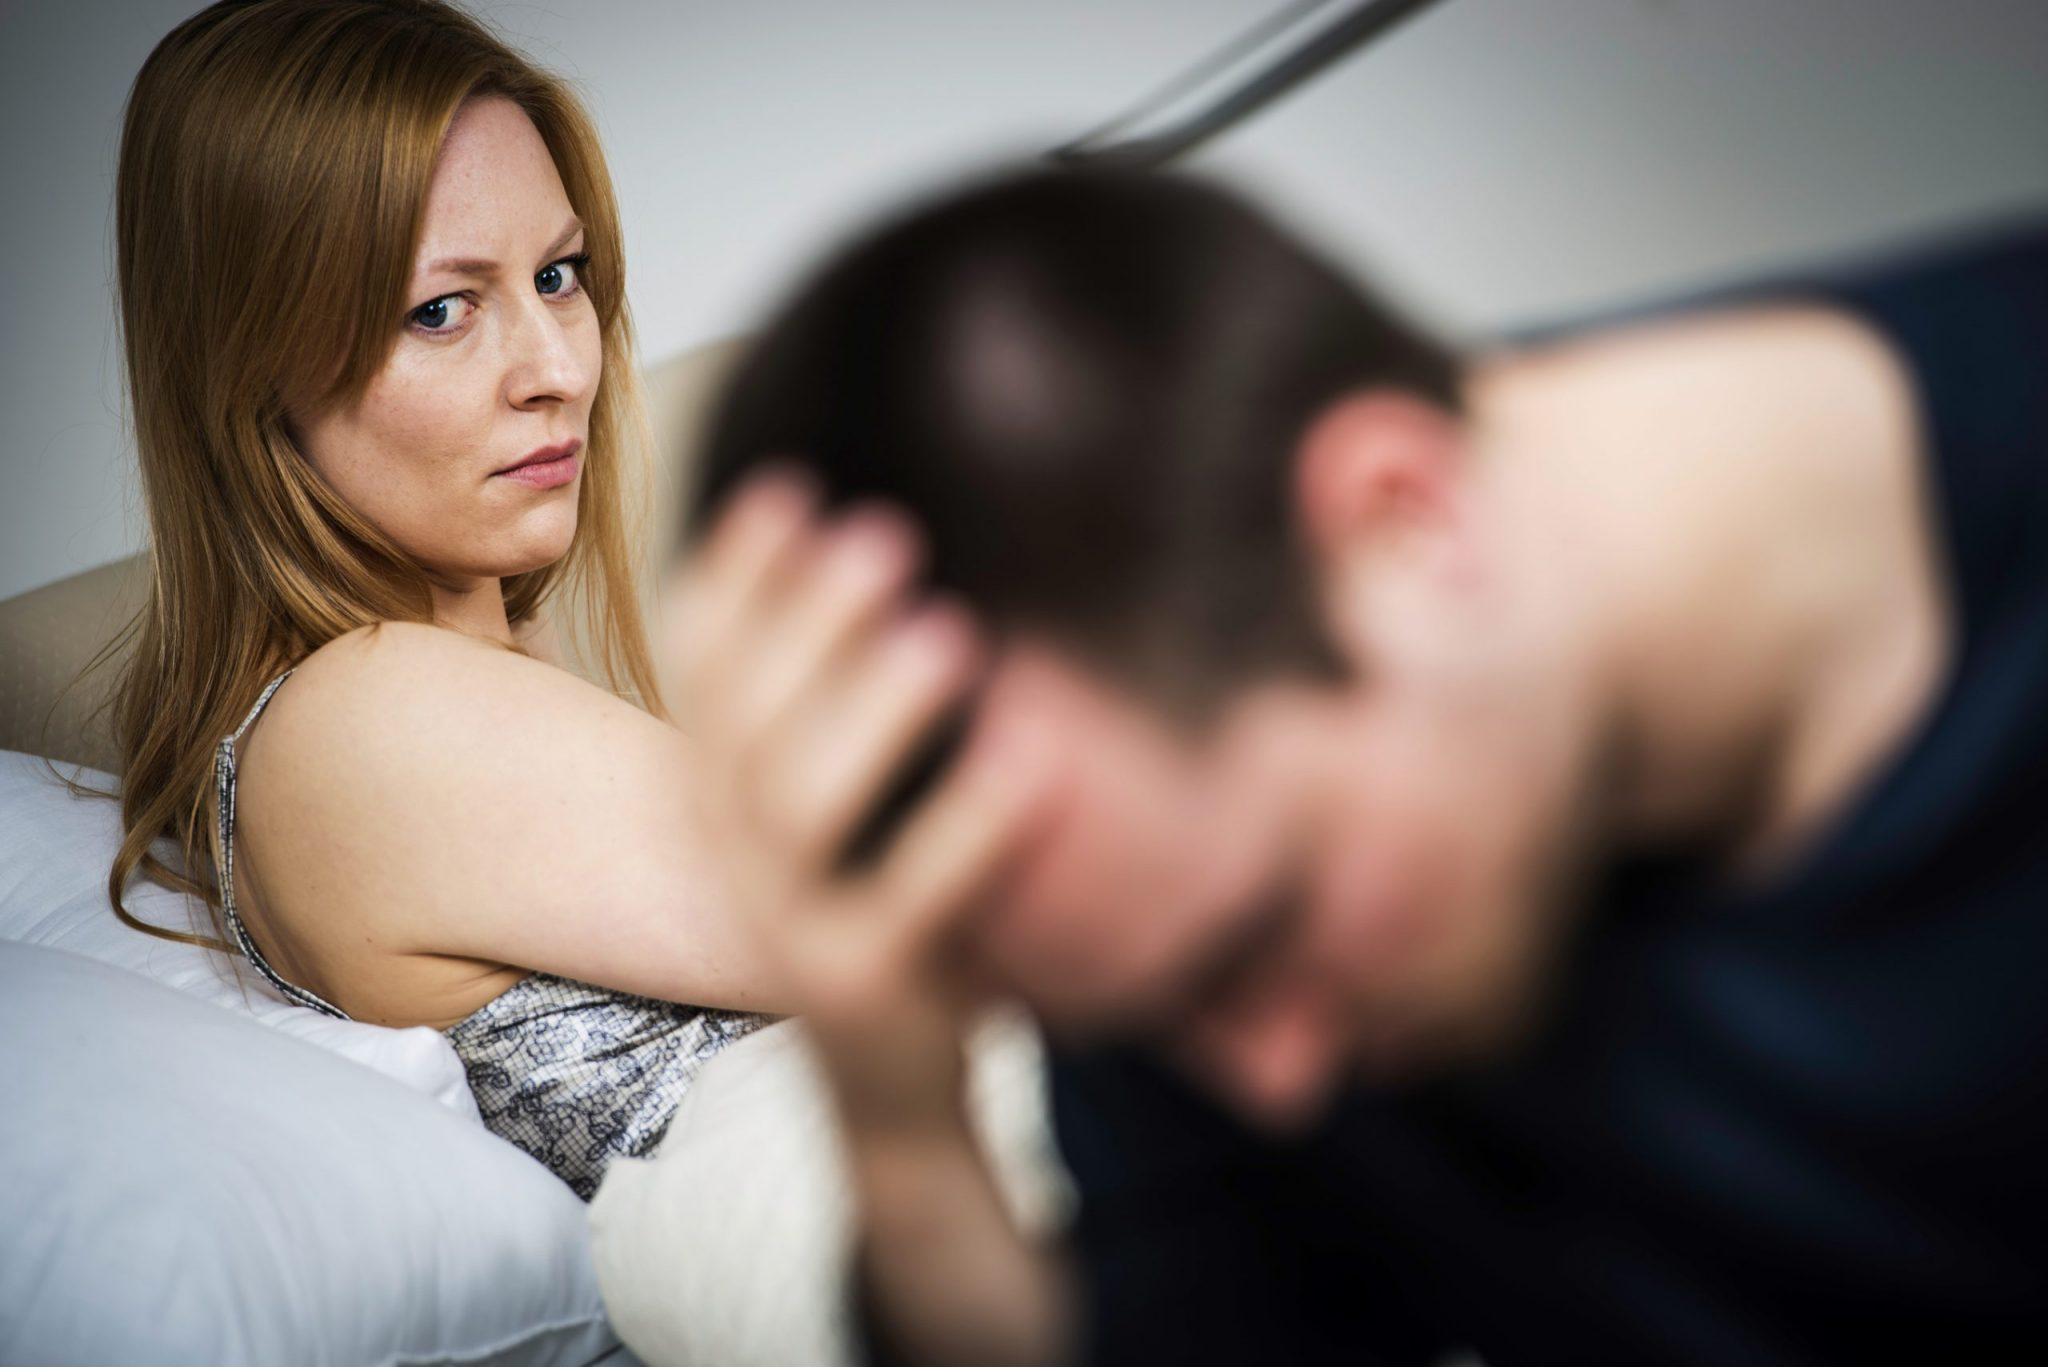 Gegenseitige Verletzungen heilen - Alte Konflikte endlich auflösen